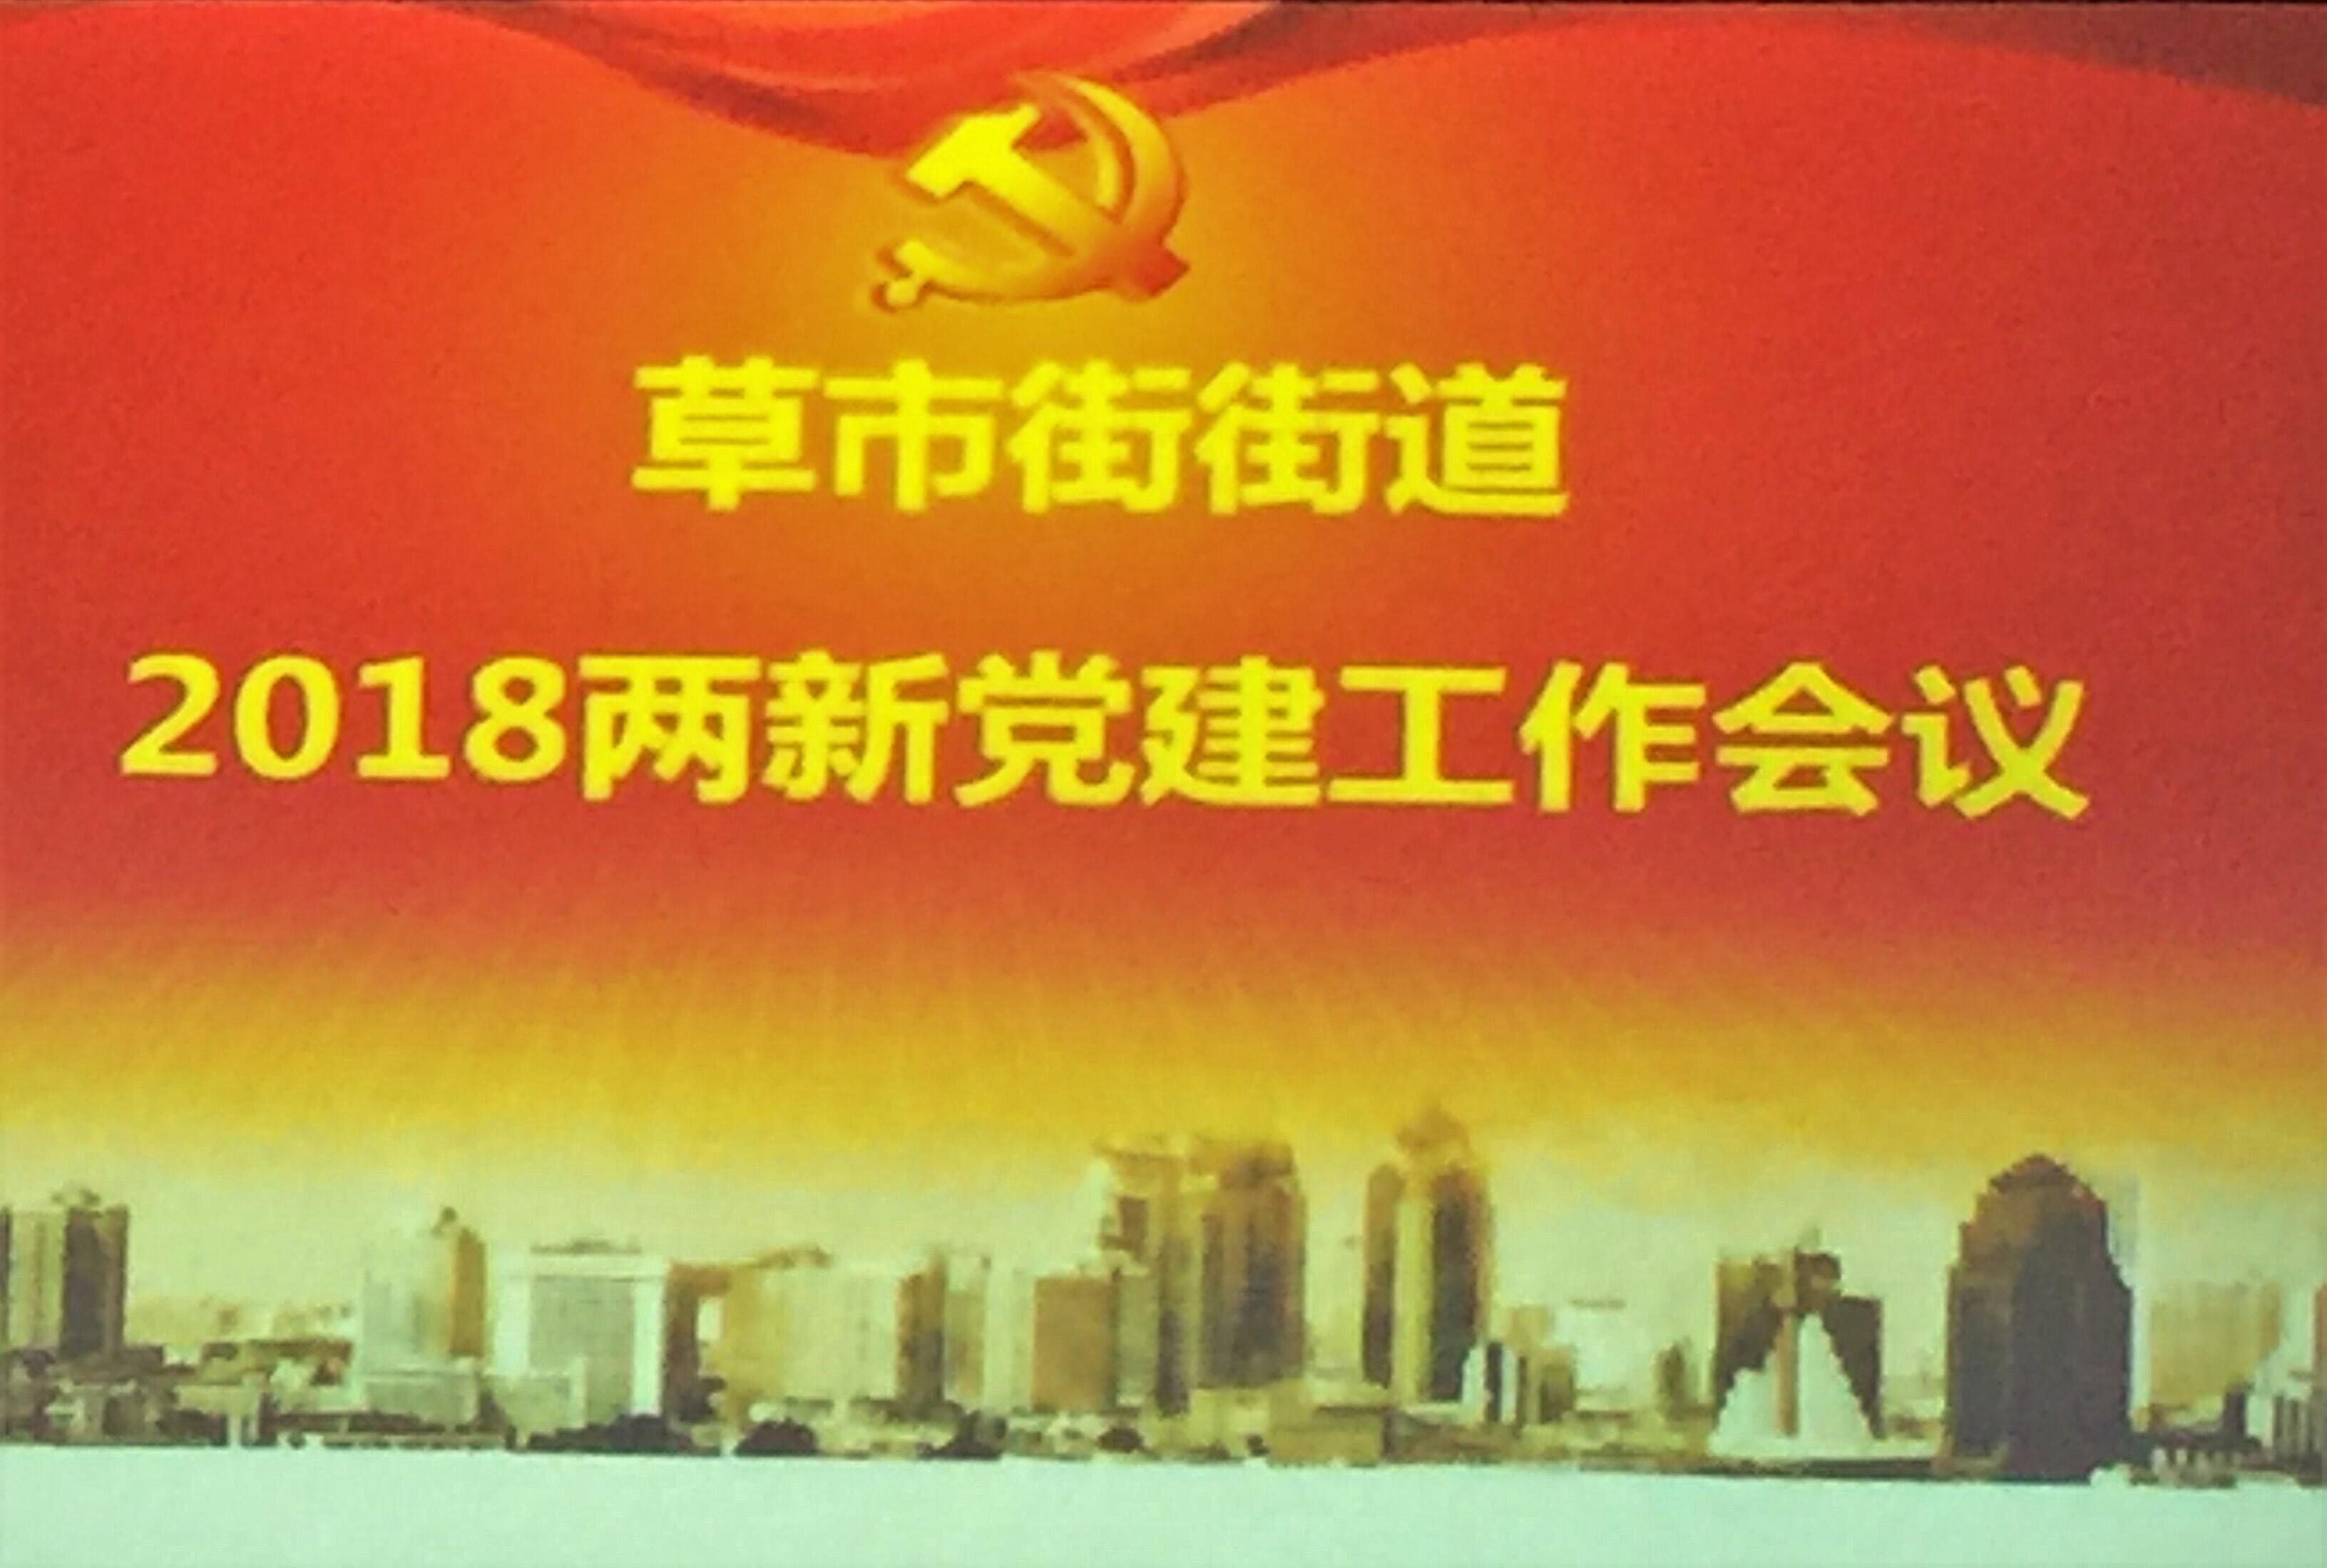 """天策党支部参加街道党工委组织的""""2018两新党建工作会议""""会"""